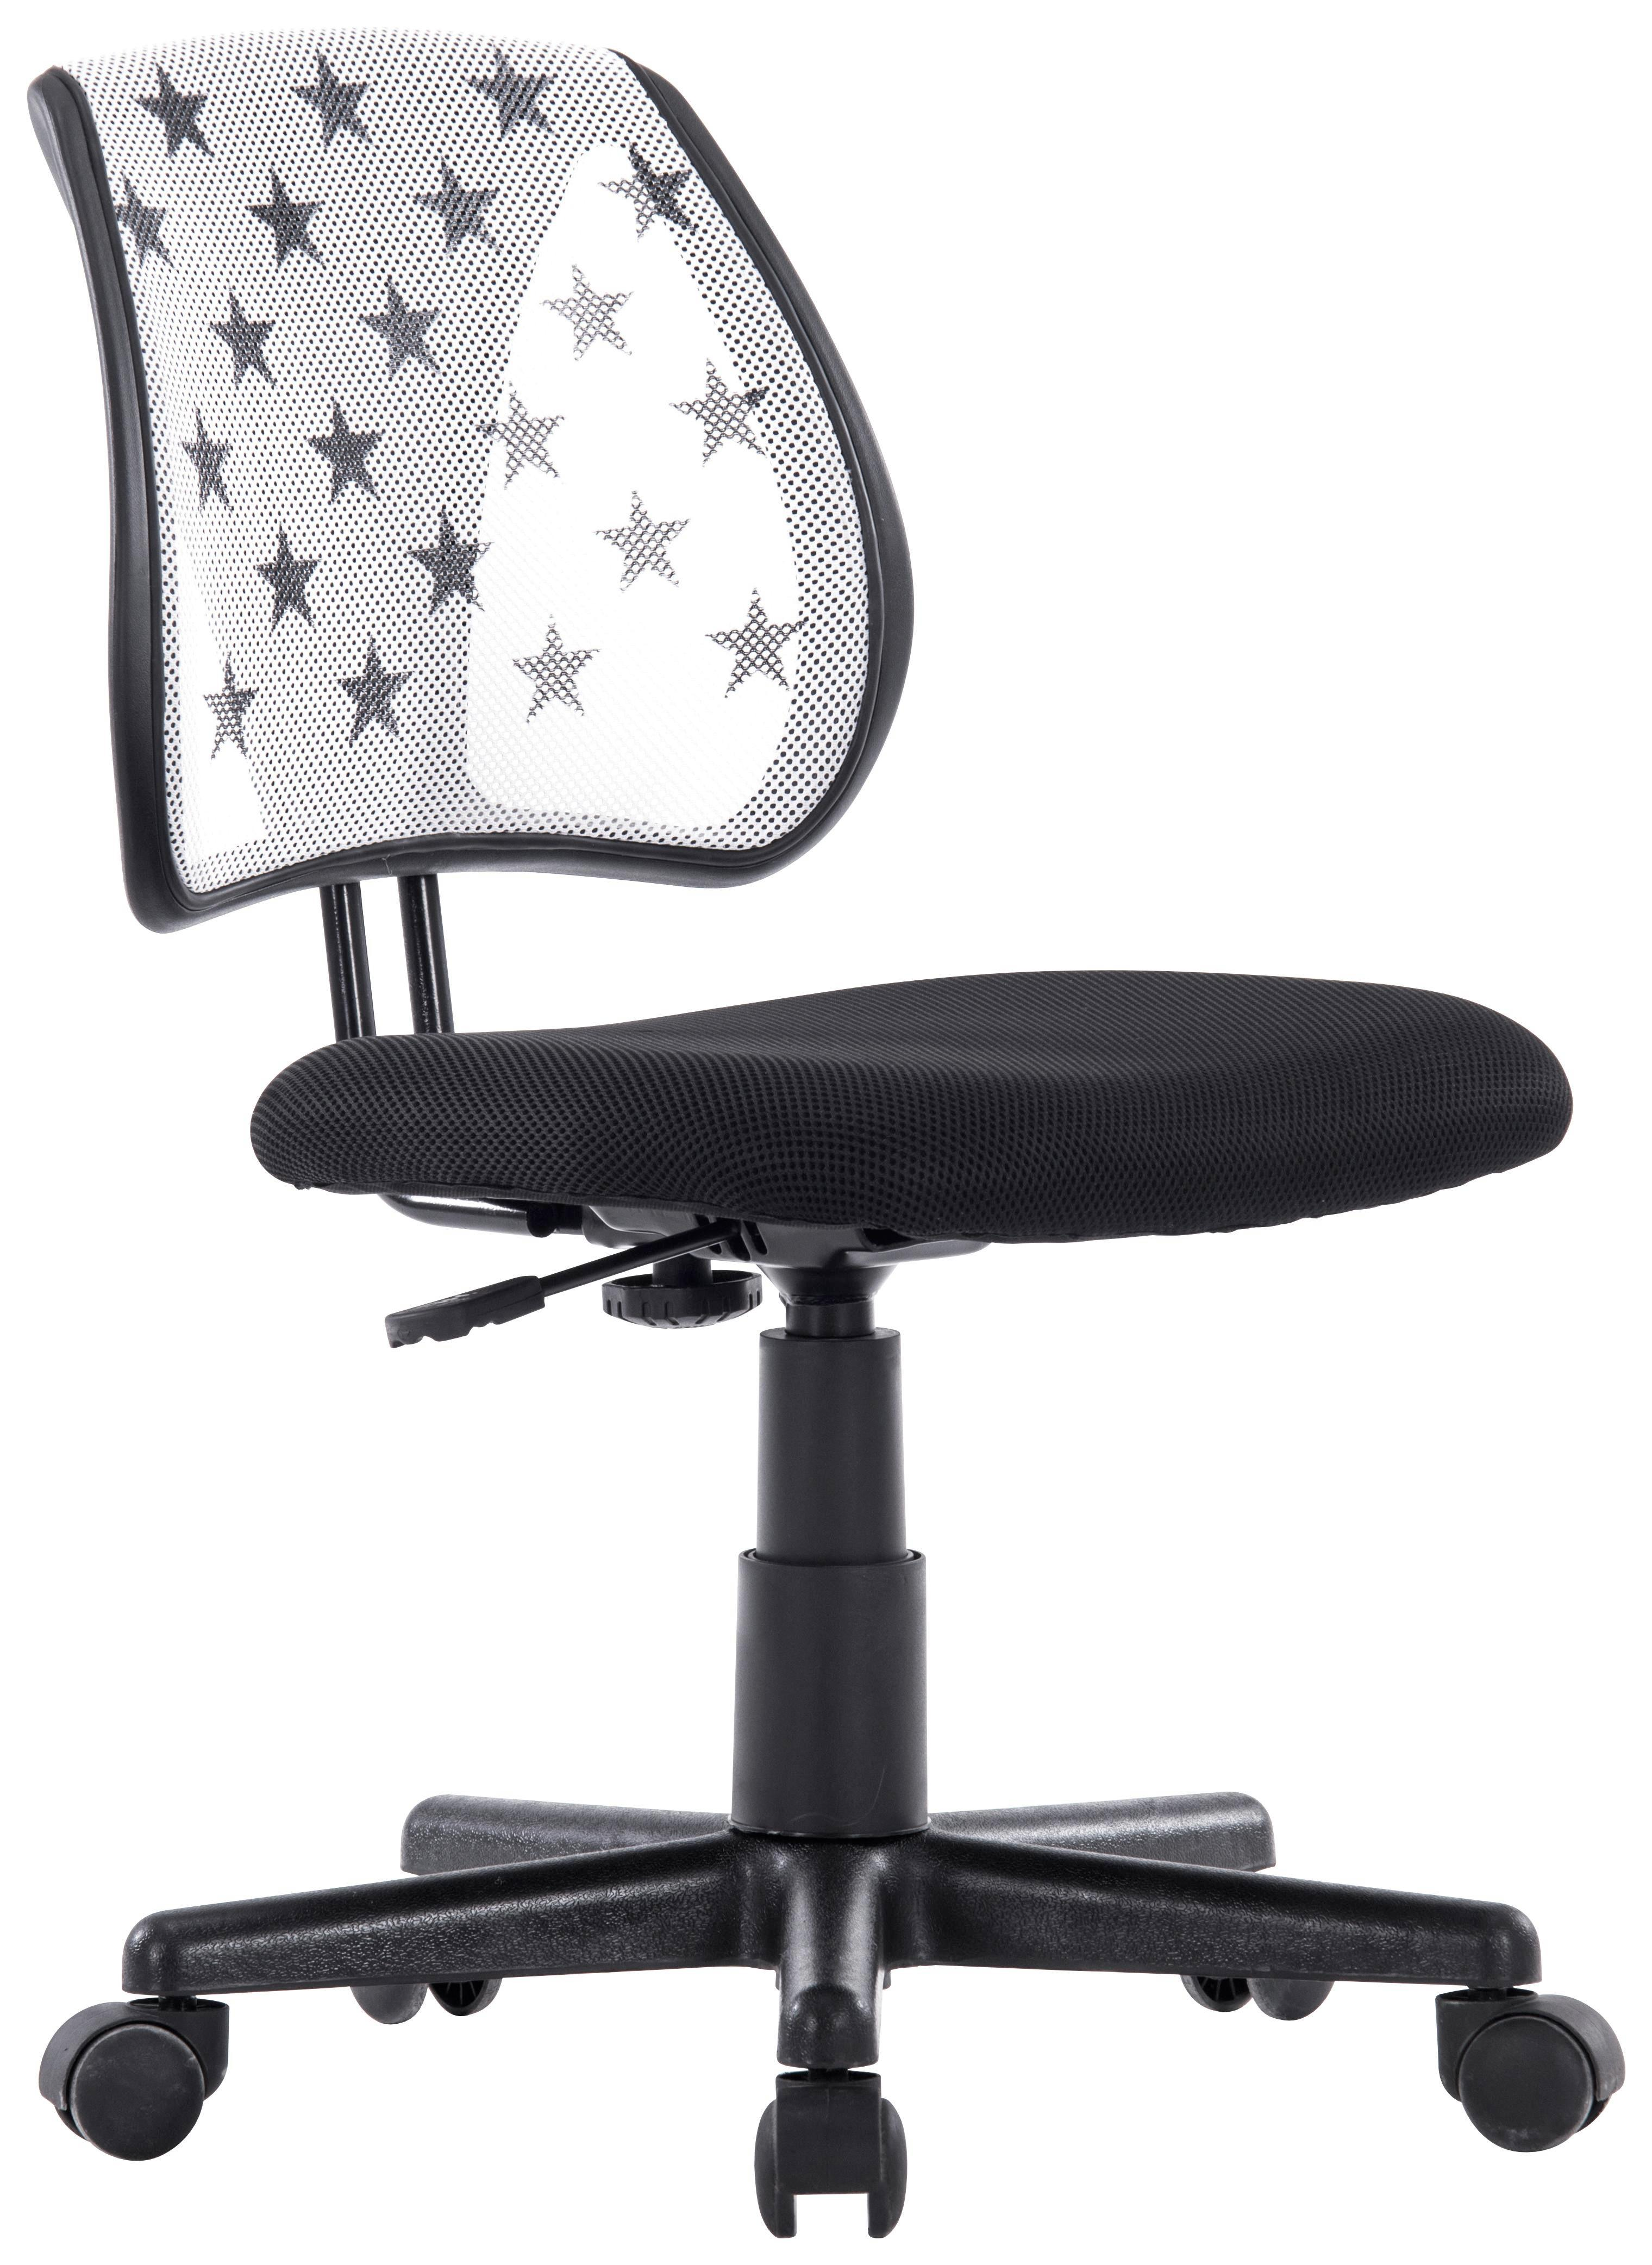 Drehstuhl weiß schwarz  Drehstuhl in Schwarz/Weiß online kaufen ➤ mömax